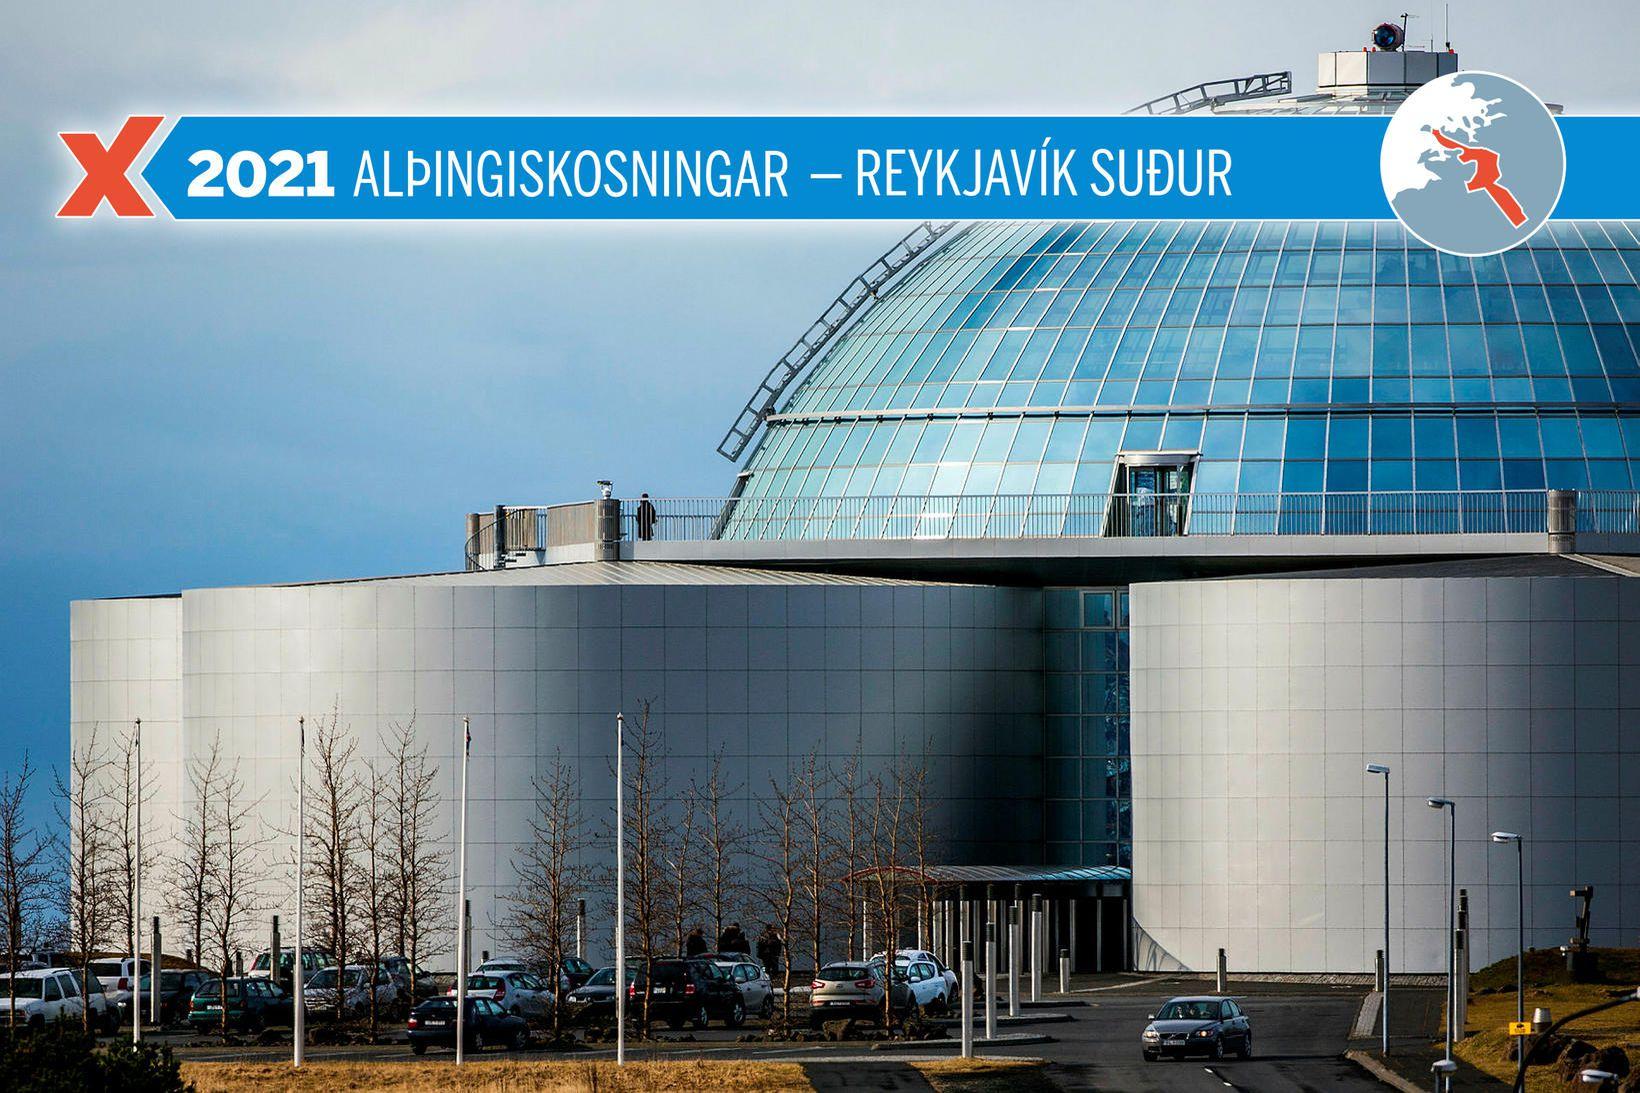 Lokatölur úr Reykjavík suður eru komnar í hús.